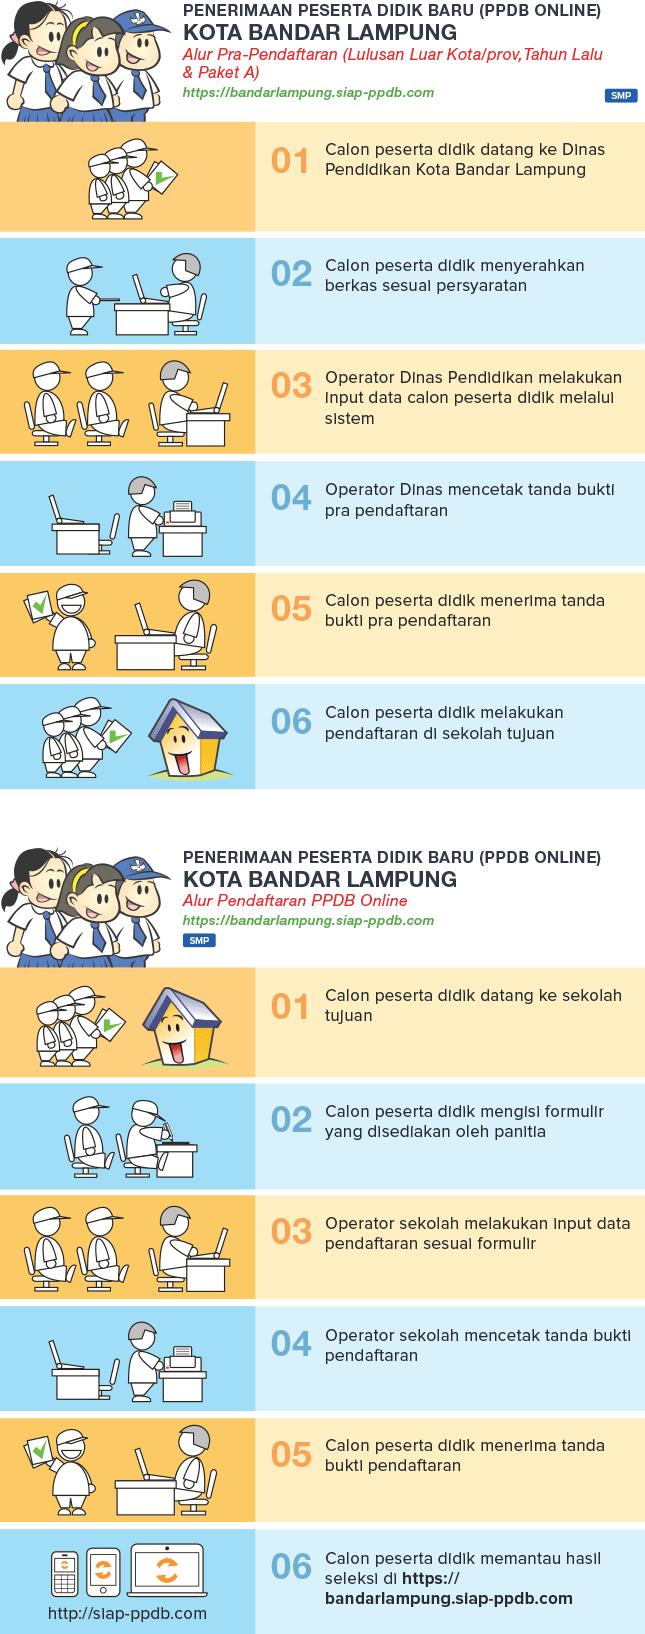 Pengumuman Hasil Seleksi PPDB SMP Online Kota Bandar Lampung 2018/2019, Hasil PPDB Online Jenjang SMP di Kota Bandar Lampung.